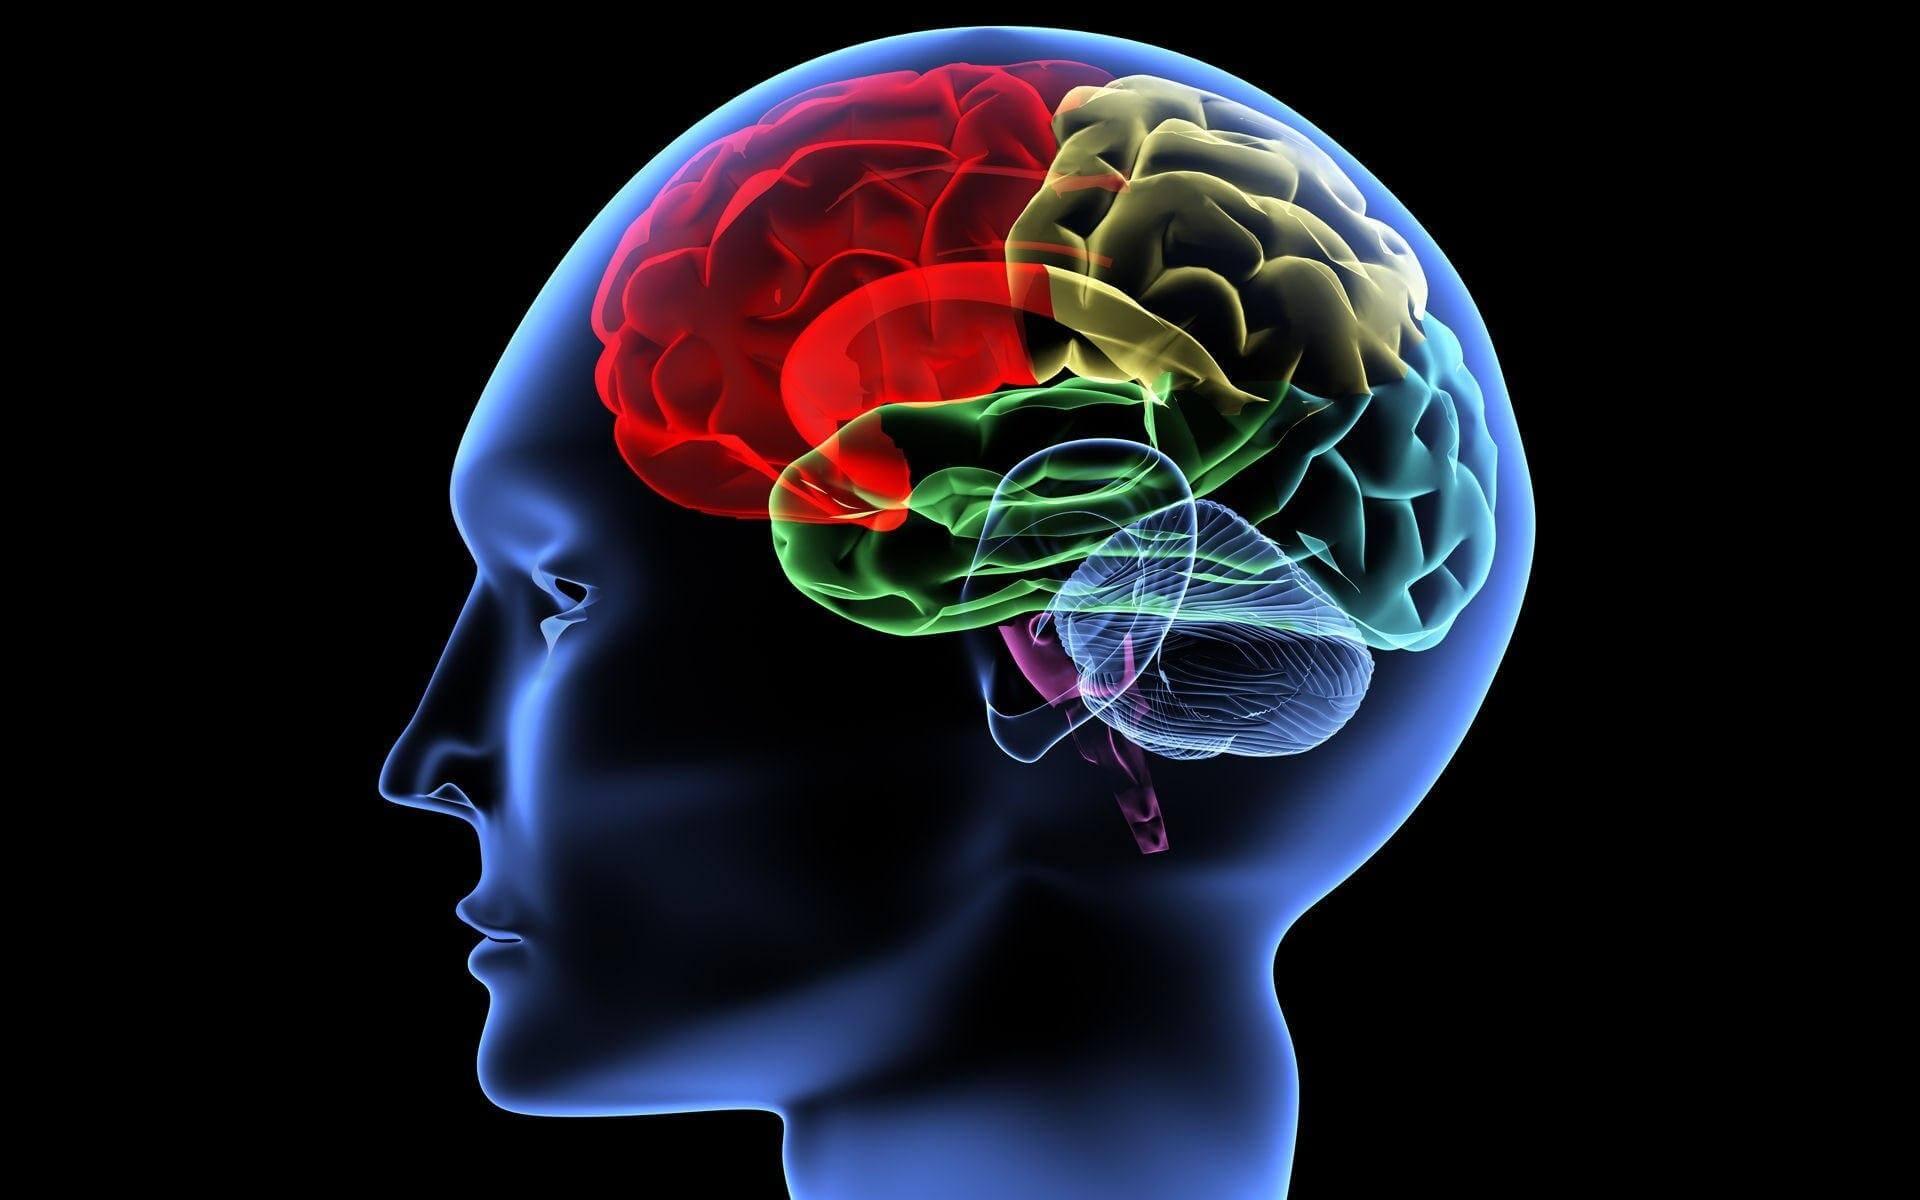 Излишняя активность работы мозга может значительно сократить продолжительность жизни